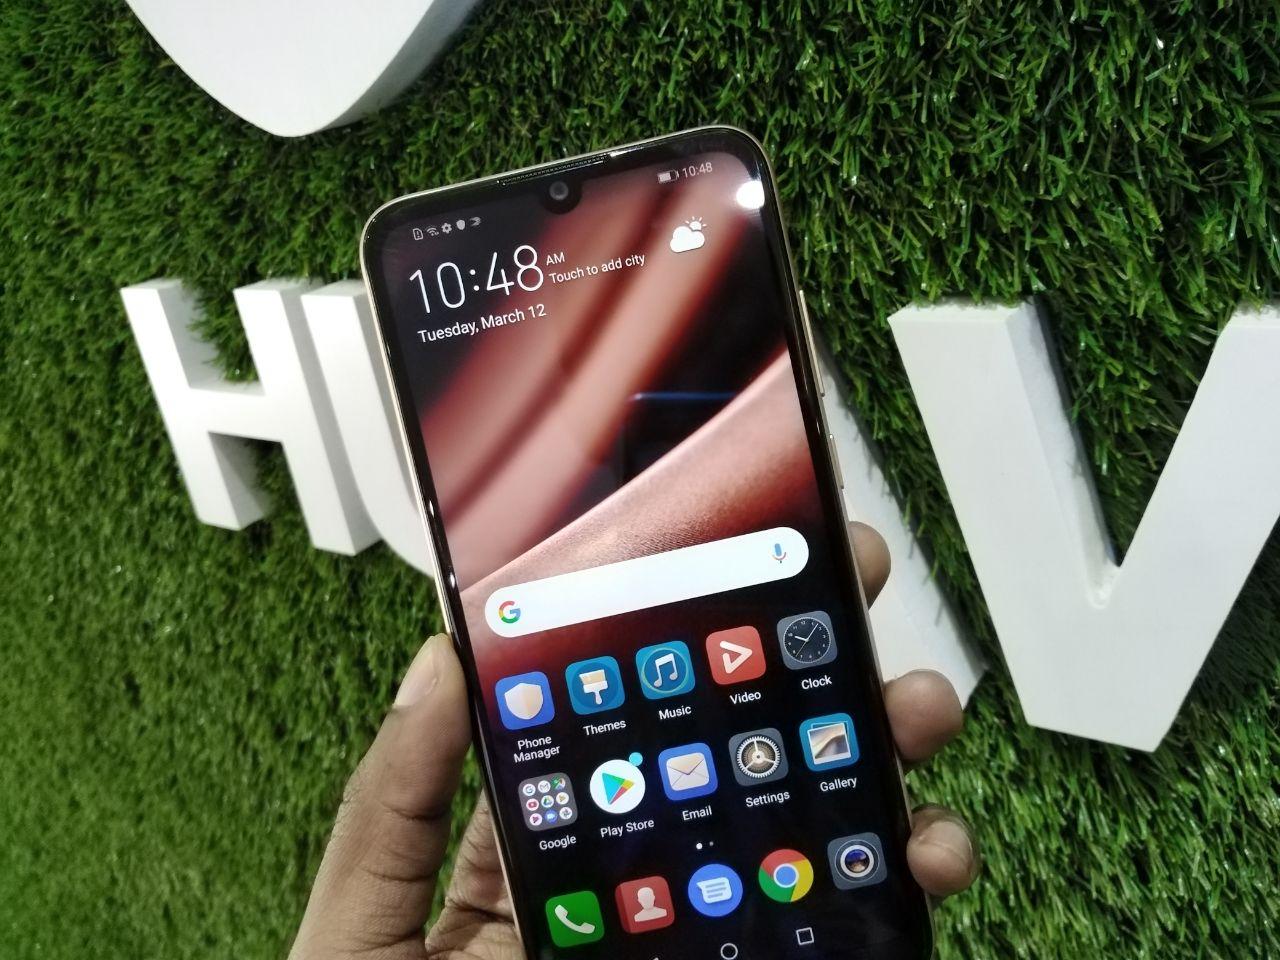 Huawei Y6 Prime 2019 Launched in Kenya